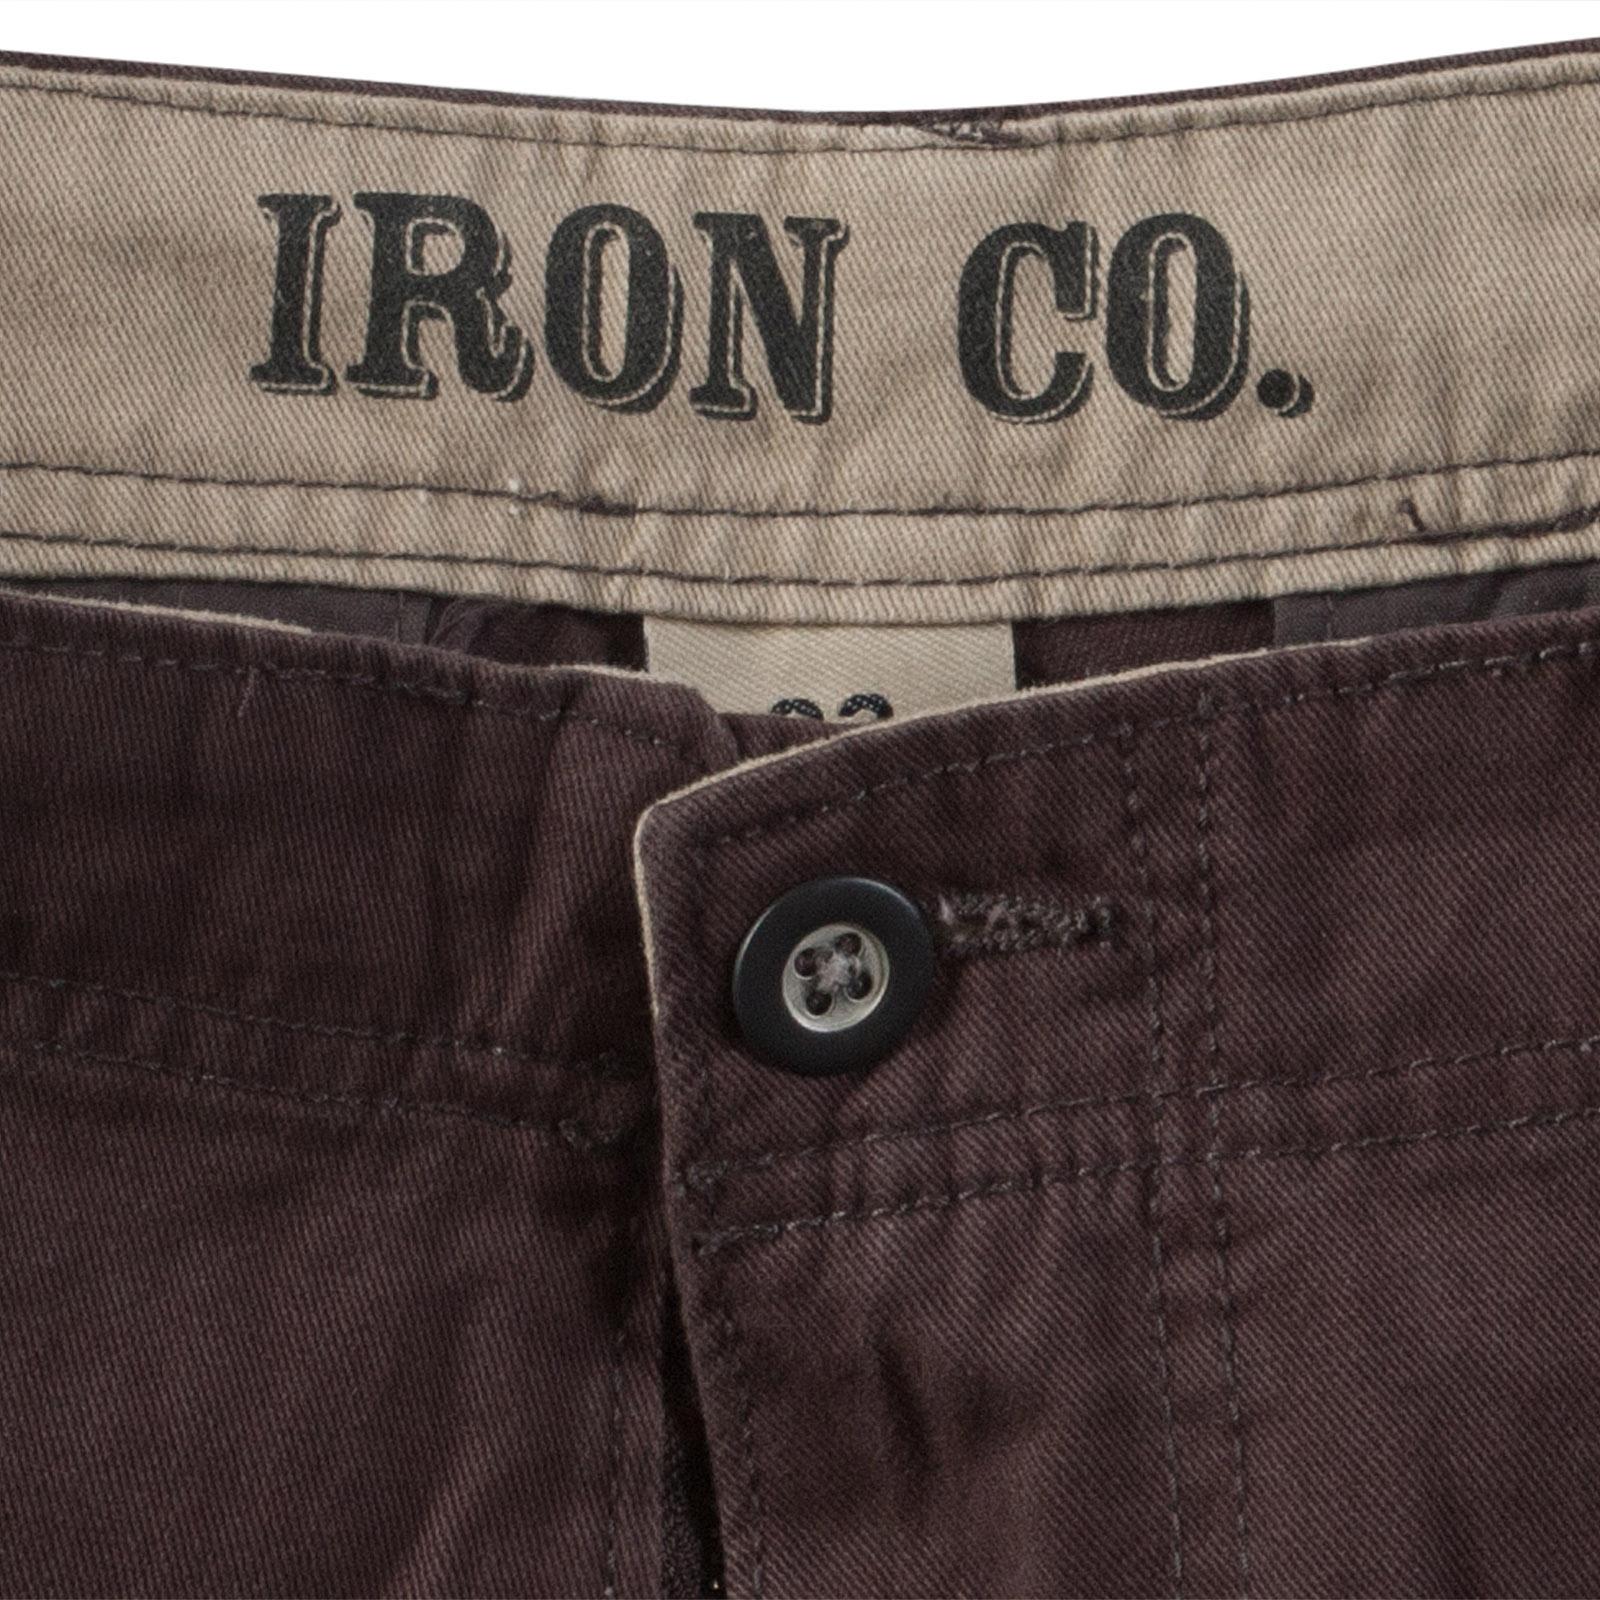 Модные коричневые шорты - производитель Iron Co.